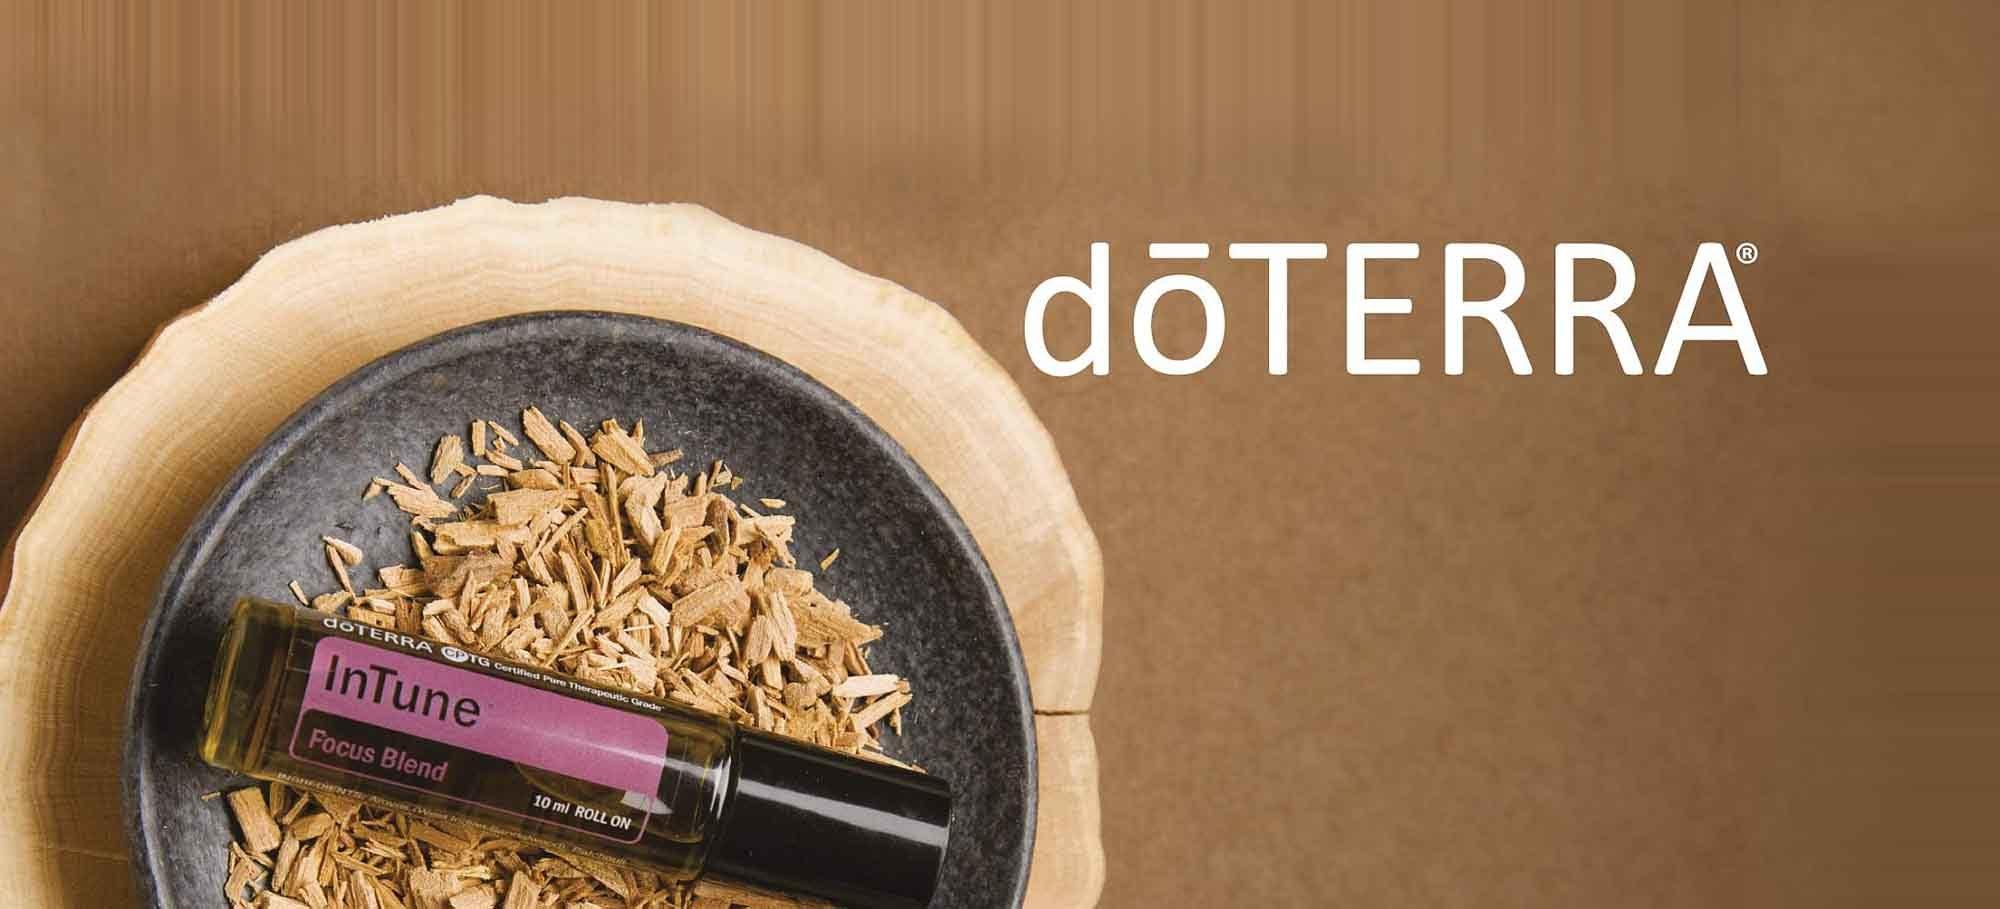 Focus-Blend | doTERRA InTune